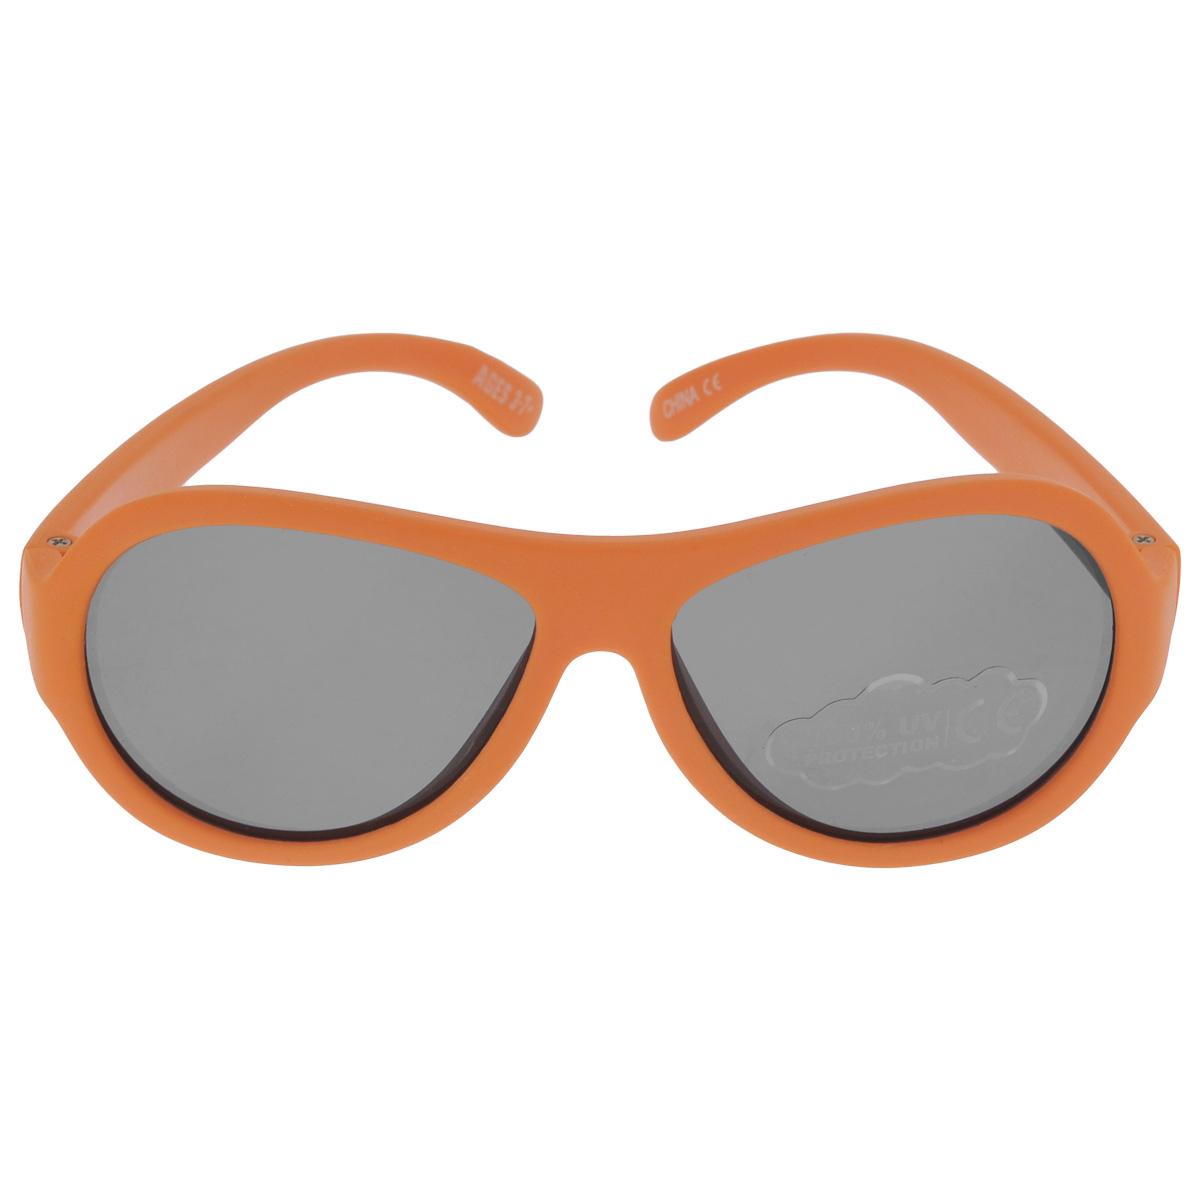 Детские солнцезащитные очки Babiators Ух ты! (OMG!), цвет: оранжевый, 3-7 летBM8434-58AEВы делаете все возможное, чтобы ваши дети были здоровы и в безопасности. Шлемы для езды на велосипеде, солнцезащитный крем для прогулок на солнце... Но как насчёт влияния солнца на глаза вашего ребёнка? Правда в том, что сетчатка глаза у детей развивается вместе с самим ребёнком. Это означает, что глаза малышей не могут отфильтровать УФ-излучение. Проблема понятна - детям нужна настоящая защита, чтобы глазки были в безопасности, а зрение сильным.Каждая пара солнцезащитных очков Babiators для детей обеспечивает 100% защиту от UVA и UVB. Прочные линзы высшего качества не подведут в самых сложных переделках. В отличие от обычных пластиковых очков, оправа Babiators выполнена из гибкого прорезиненного материала, что делает их ударопрочными, их можно сгибать и крутить - они не сломаются и вернутся в прежнюю форму. Не бойтесь, что ребёнок сядет на них - они всё выдержат. Будьте уверены, что очки Babiators созданы безопасными, прочными и классными, так что вы и ваш ребенок можете приступать к своим приключениям!